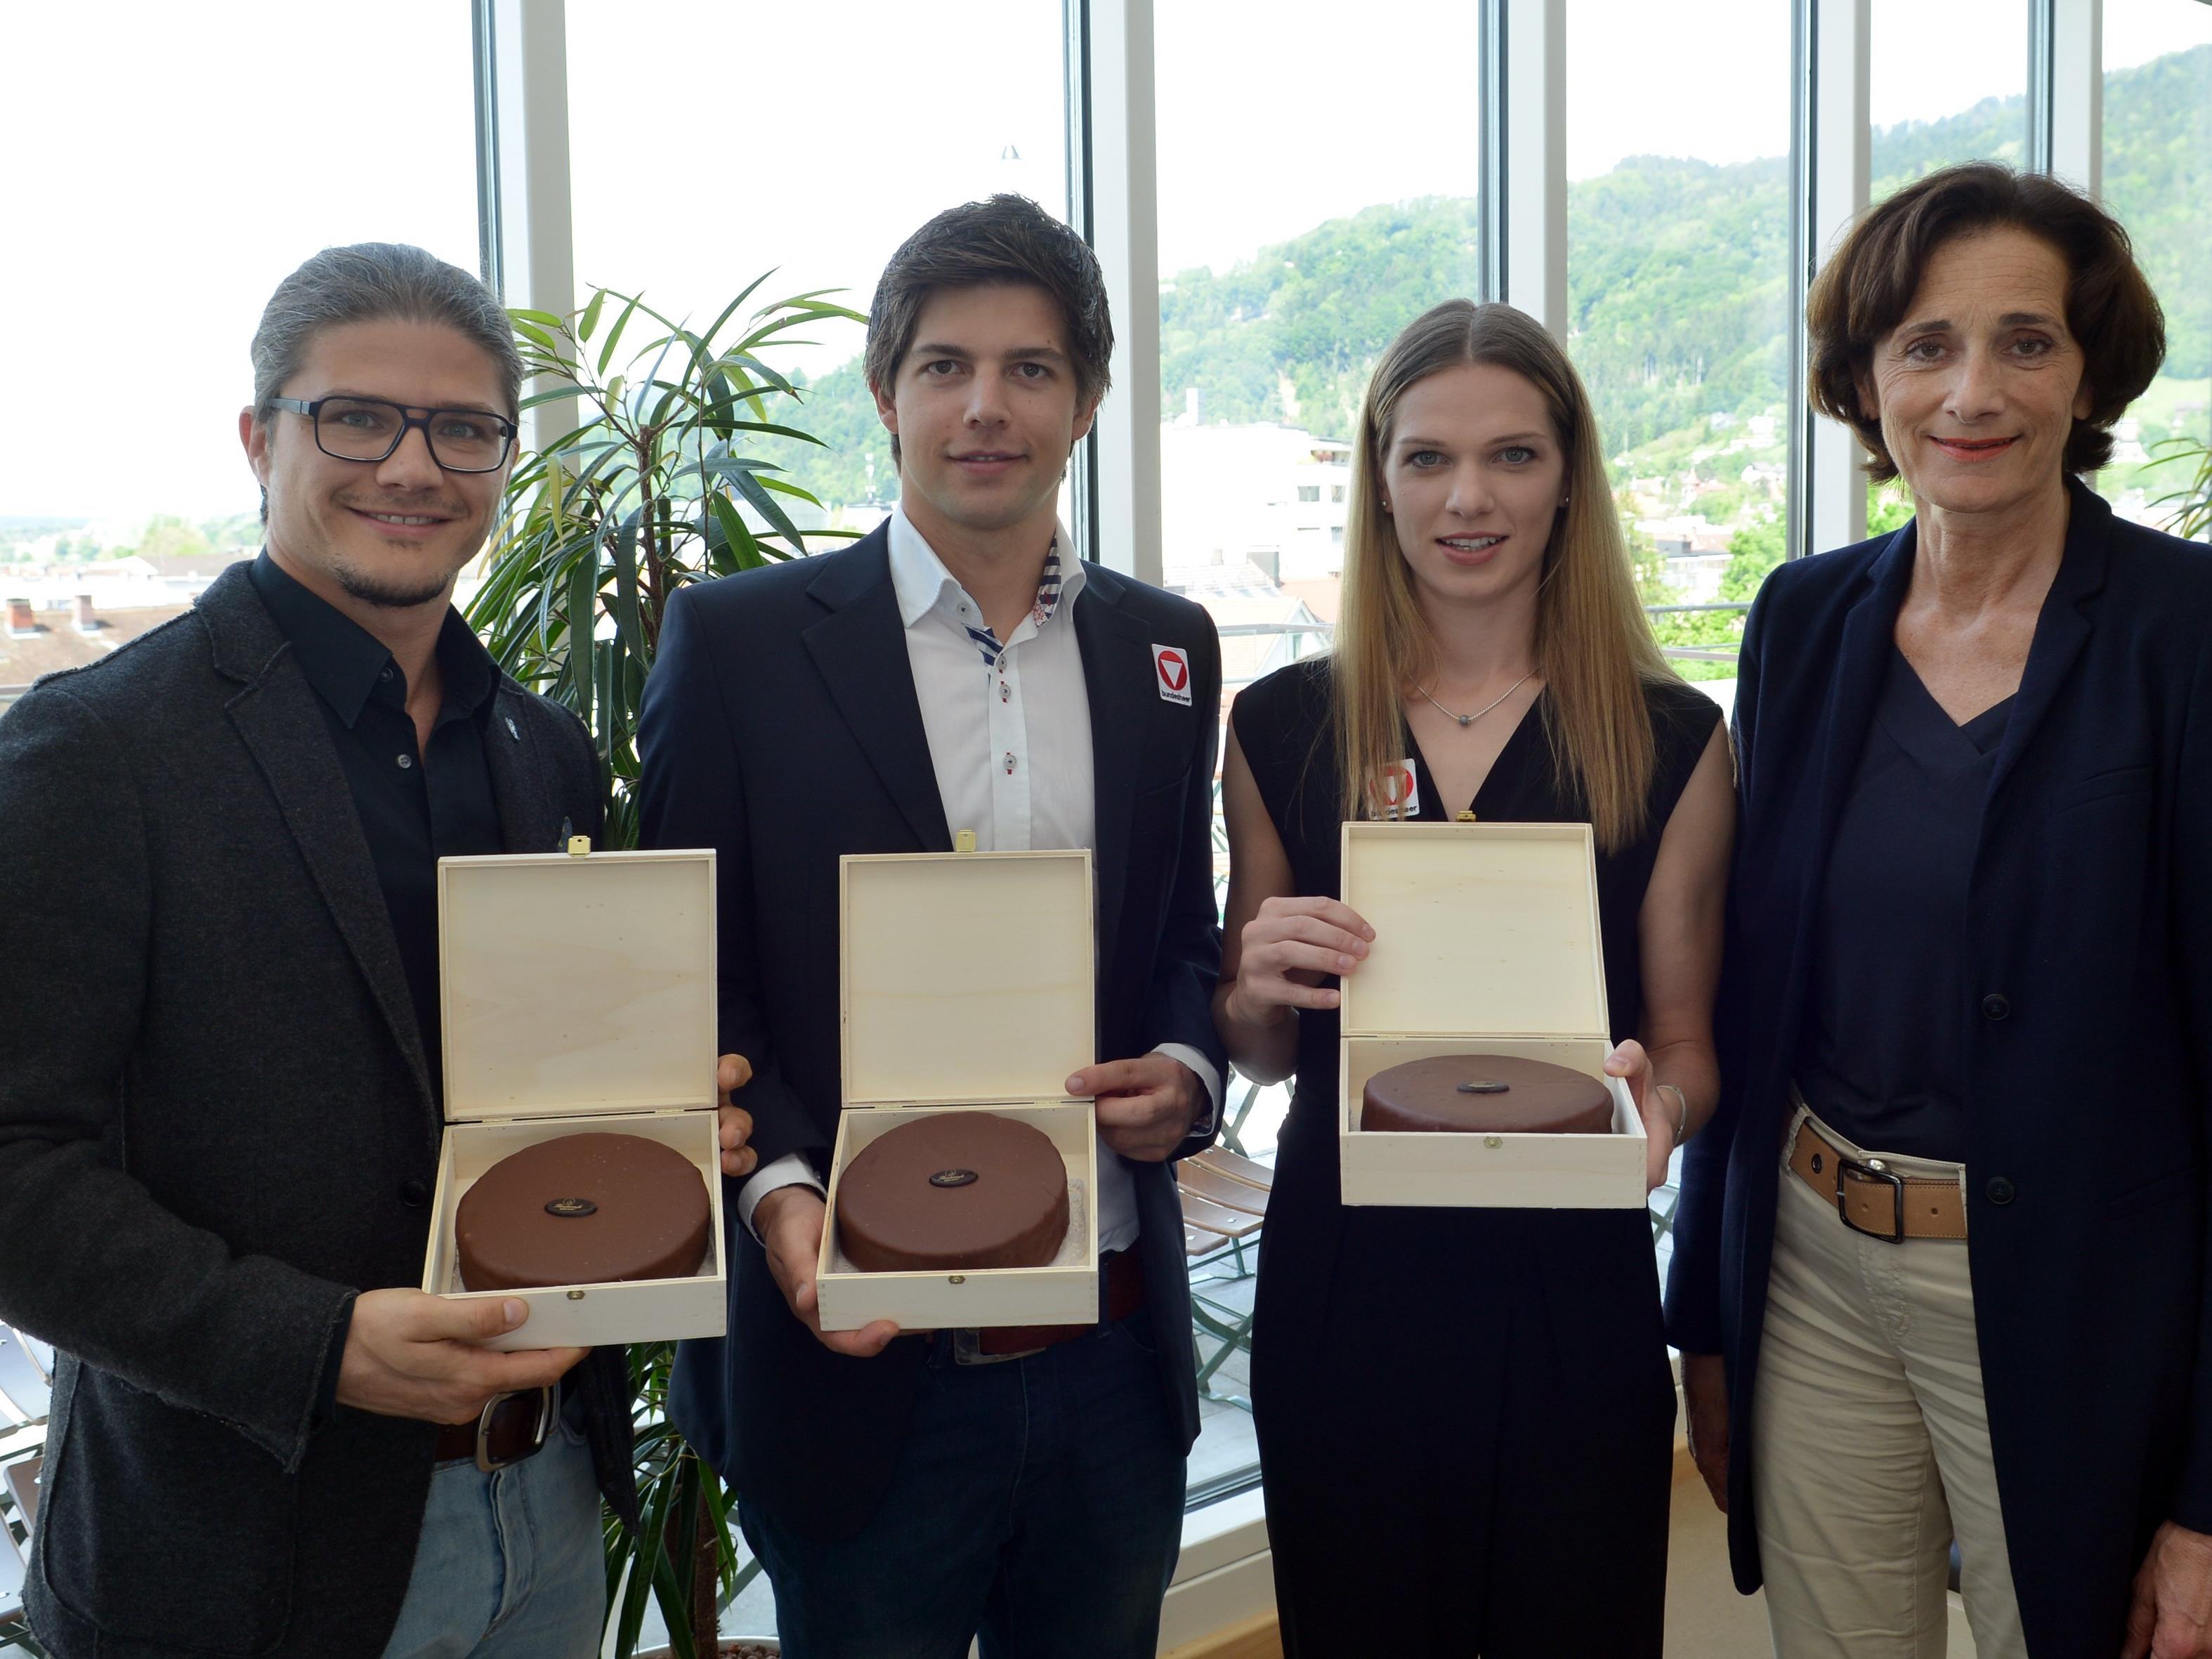 Marc Sohm, David Obernosterer und Elisabeth Baldauf verabschiedeten sich mit den besten Wünschen von Landesrätin Bernadette Mennel in Richtung Olympia.